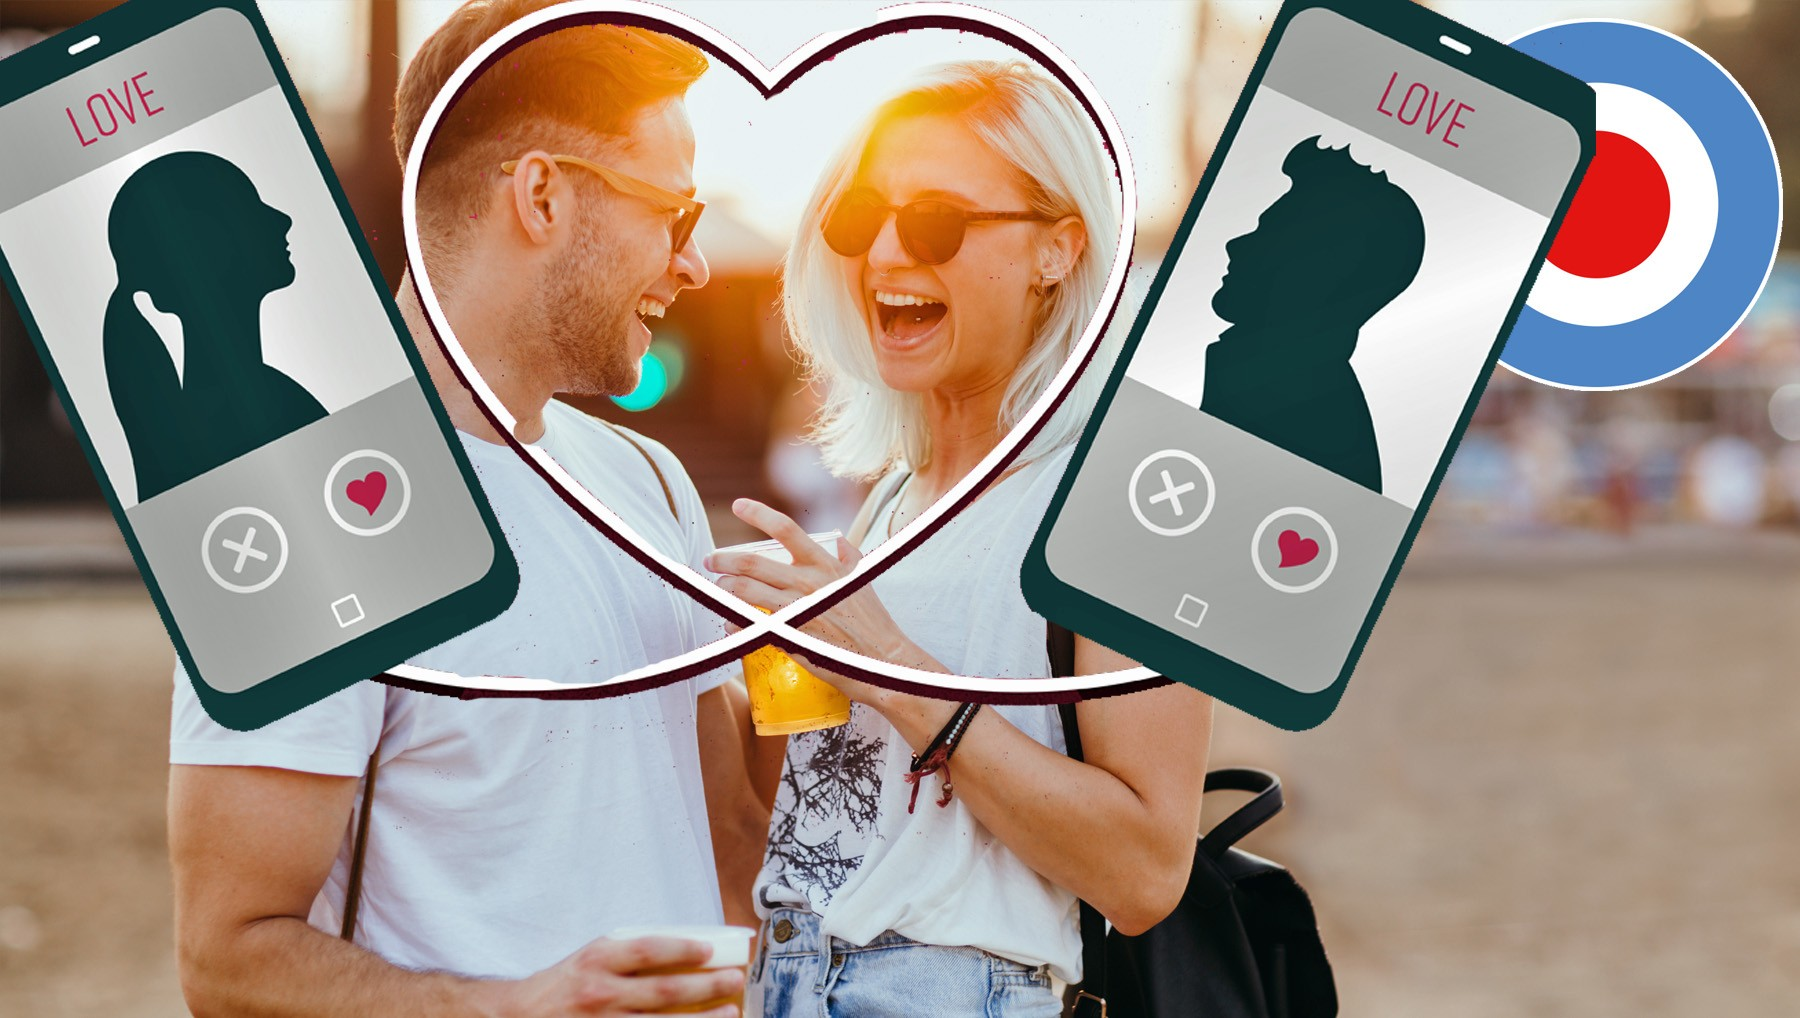 Das sind die besten Alternativen zu Tinder | carolinavolksfolks.com